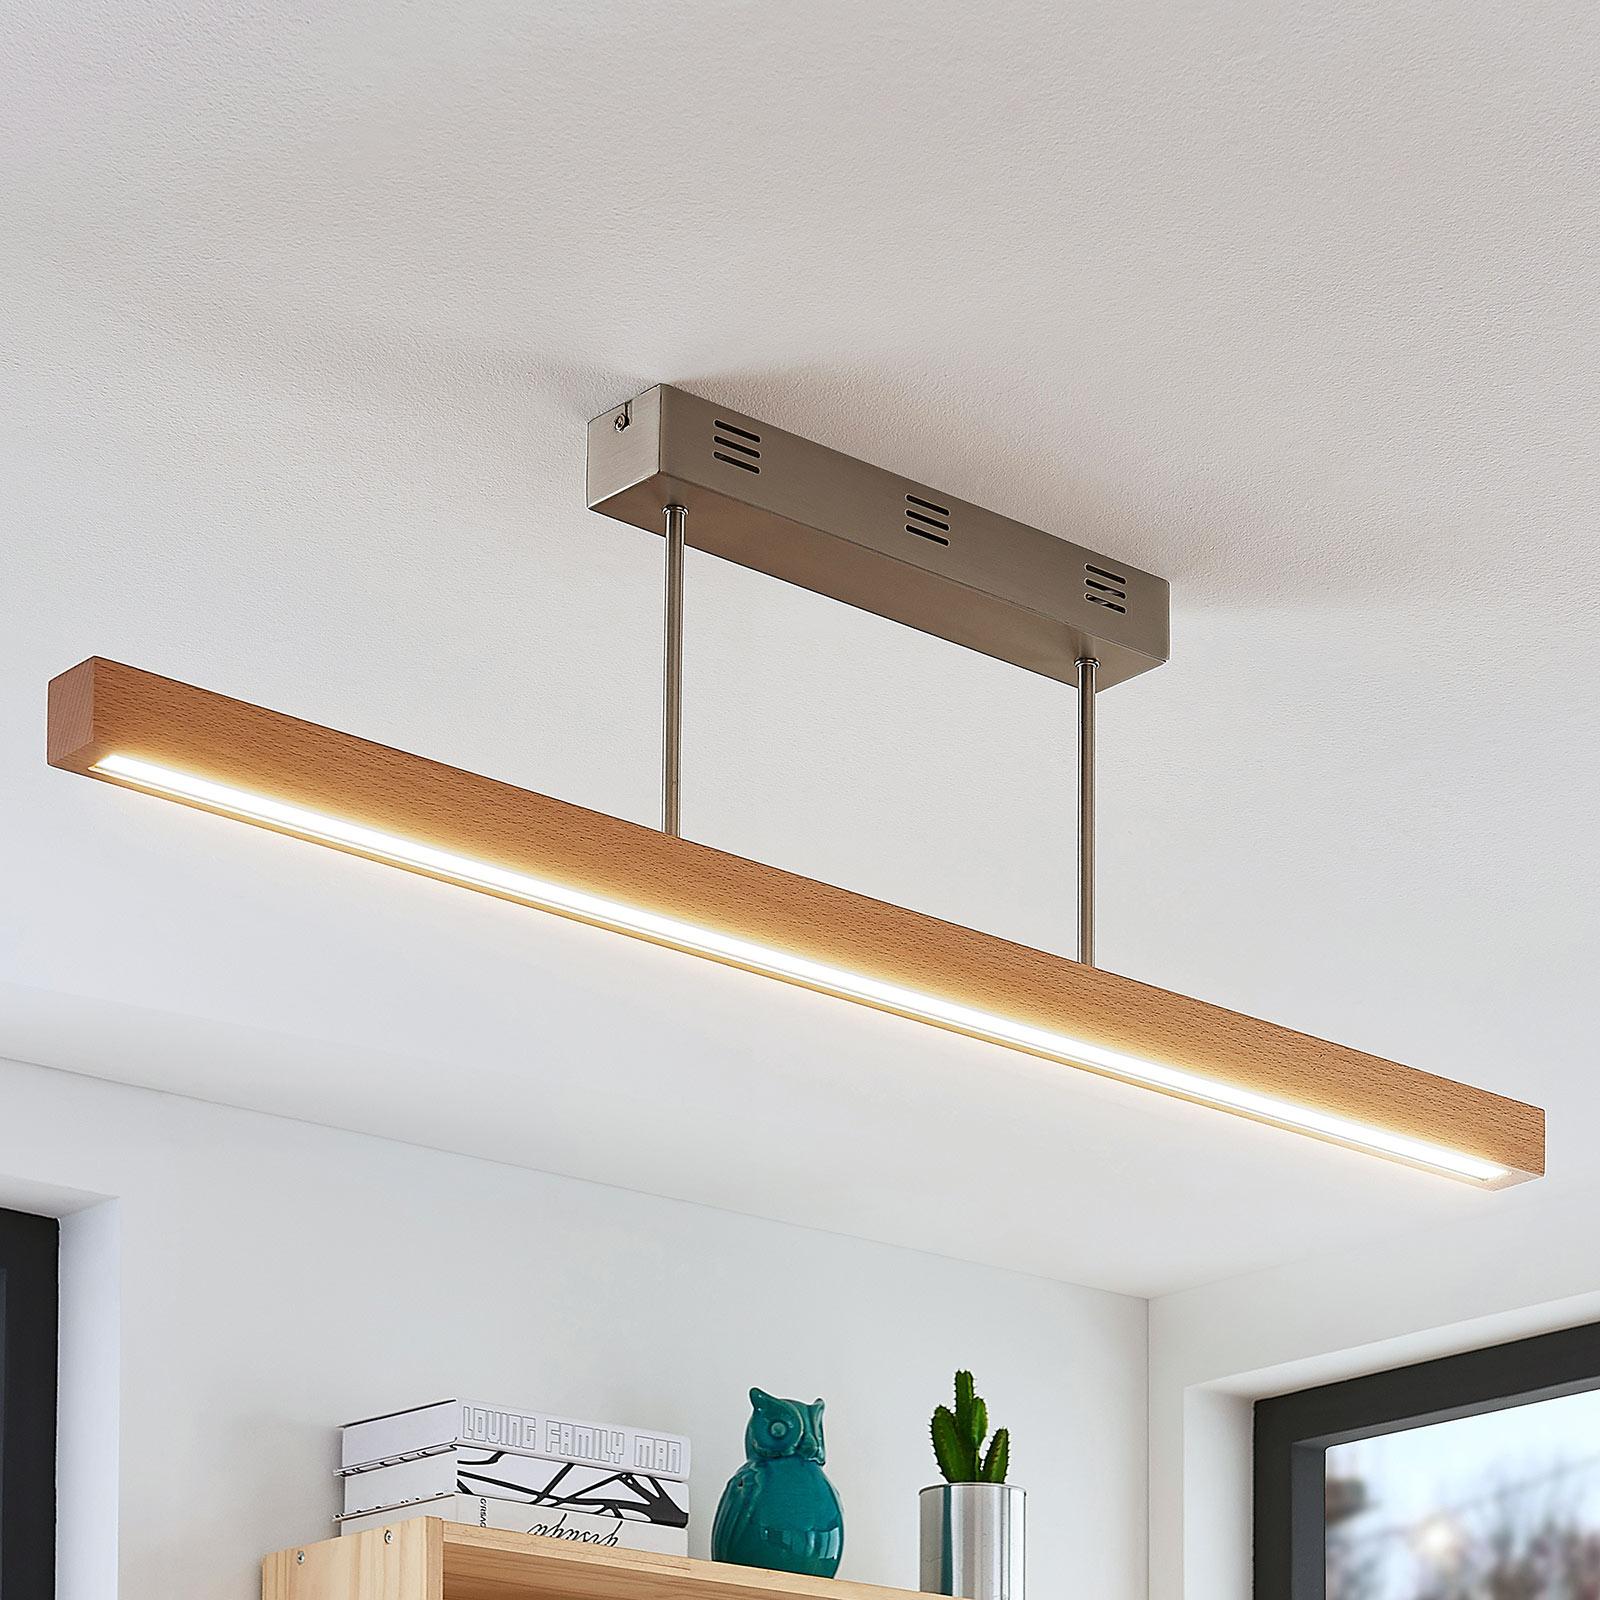 LED houten plafondlamp Tamlin, beukkleuren, 100 cm